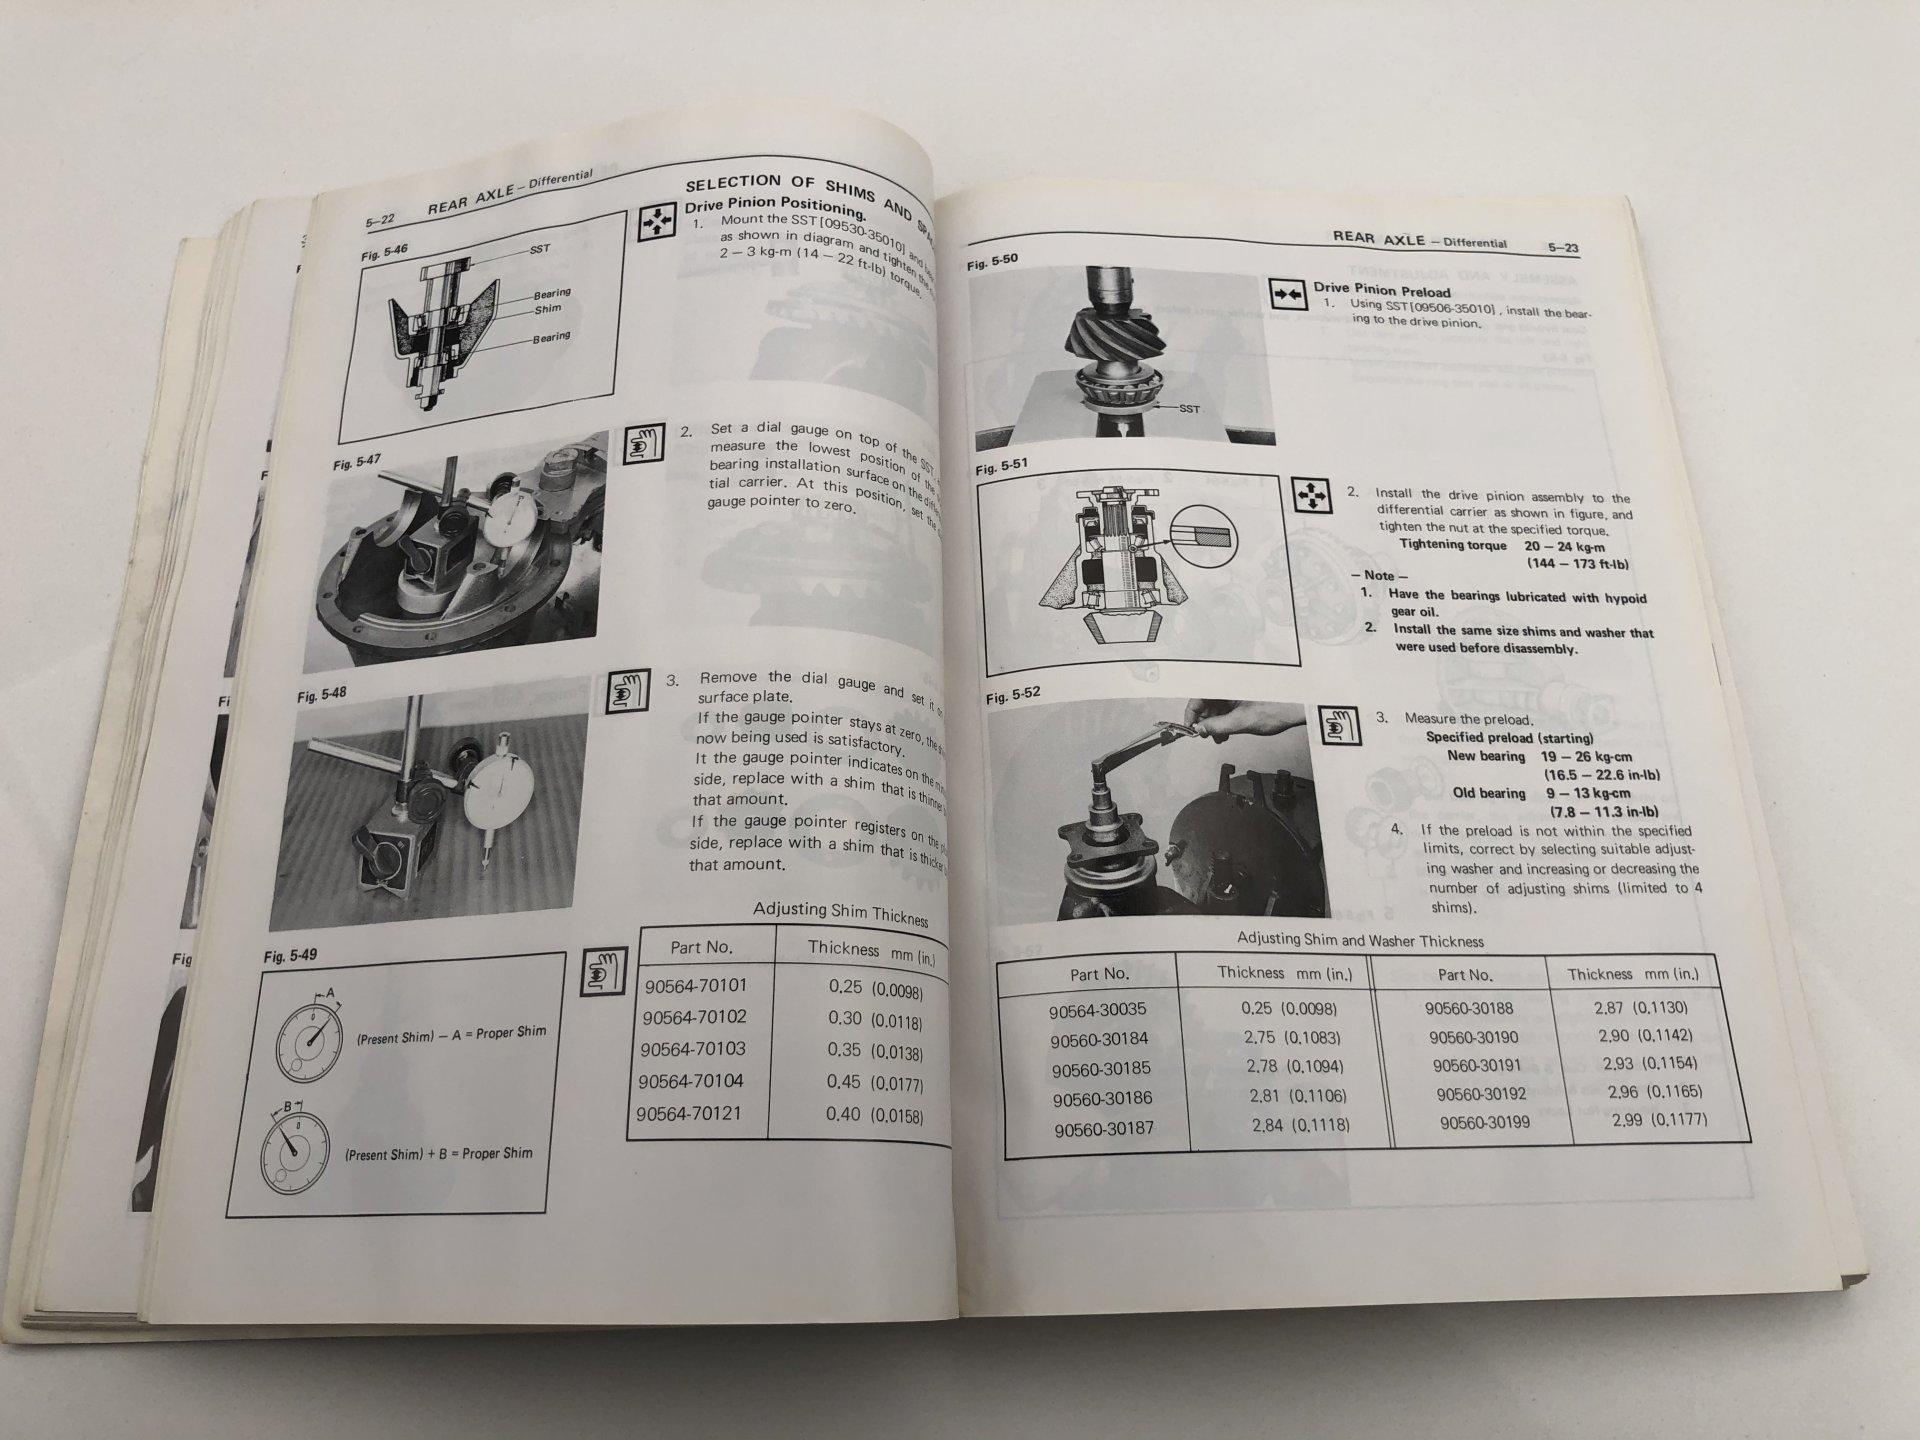 4EF3E265-7601-438D-B1B6-CDDE91172DA3.jpeg